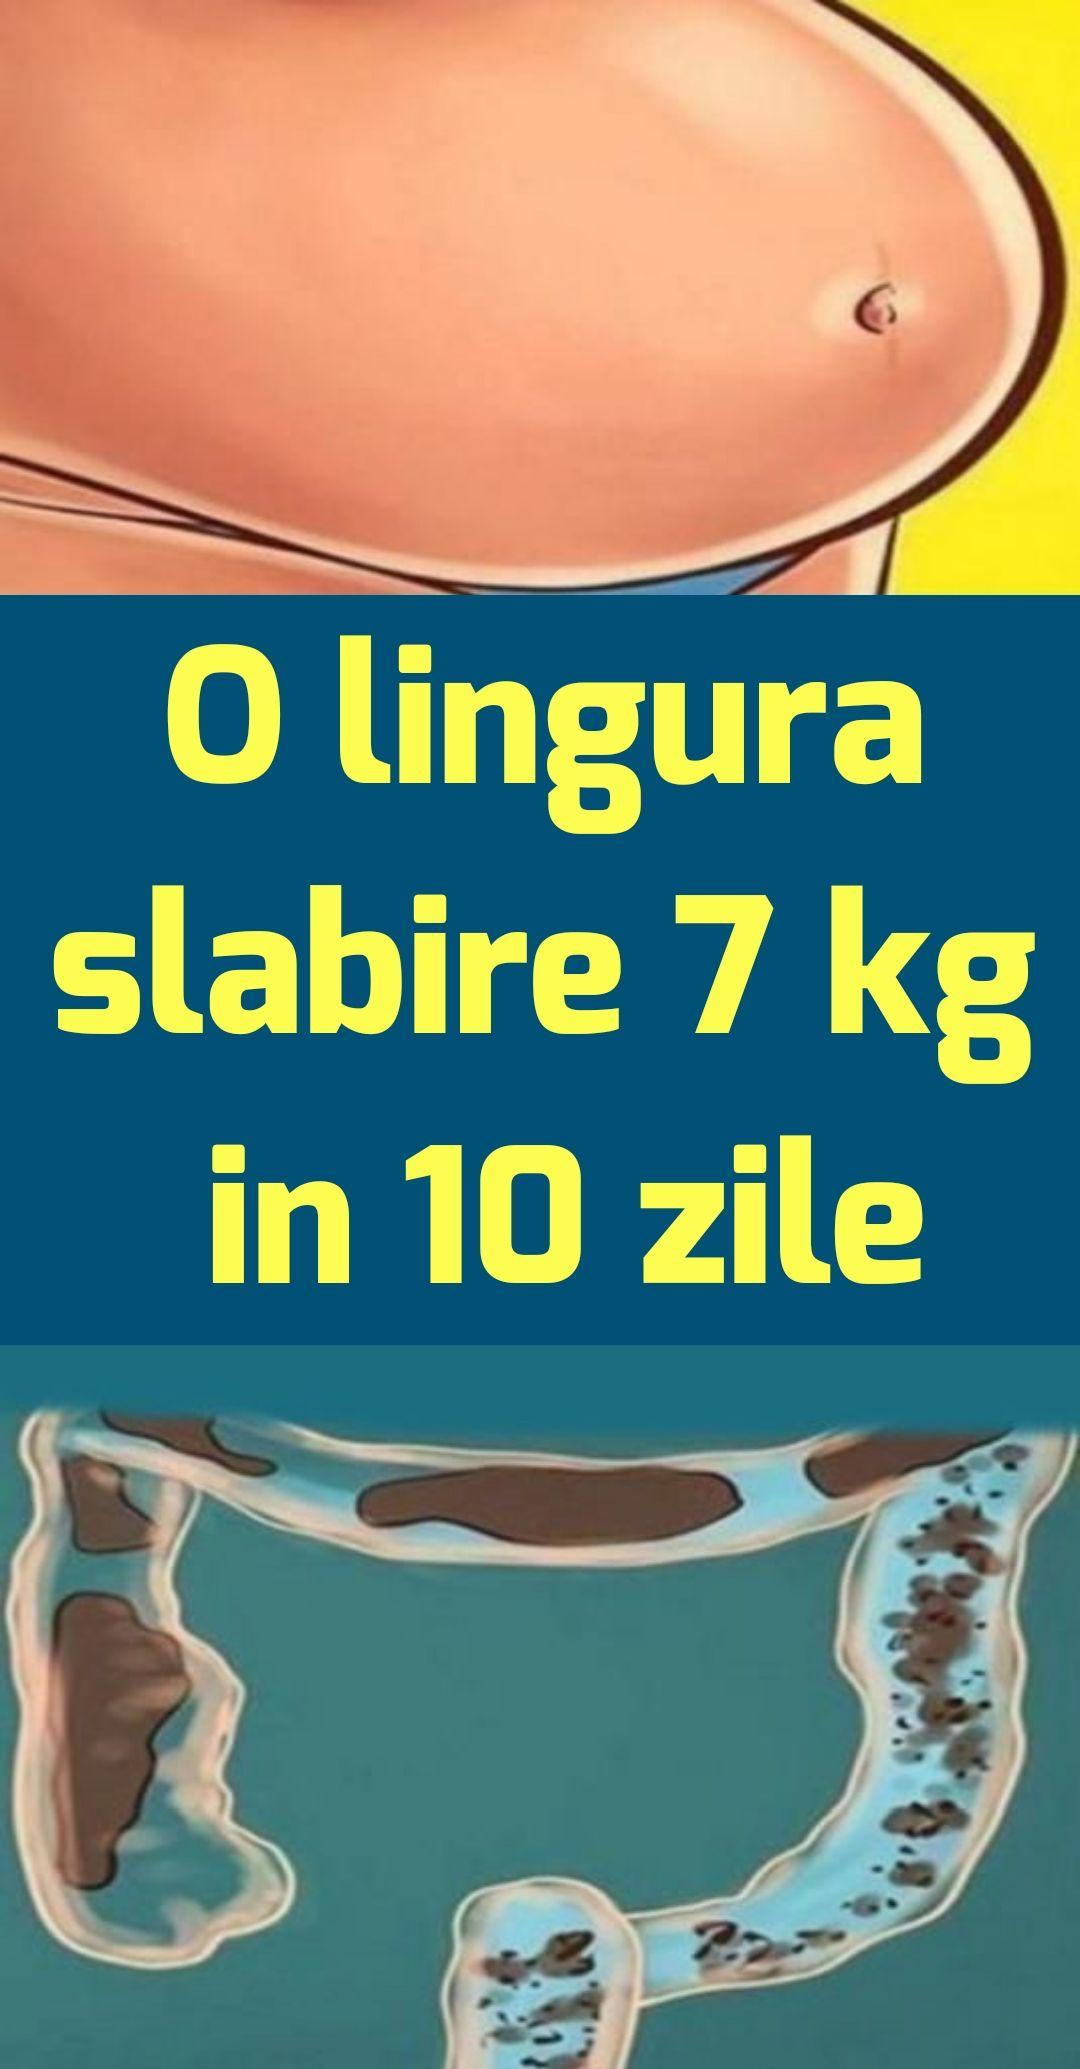 pierdere în greutate santa clarita